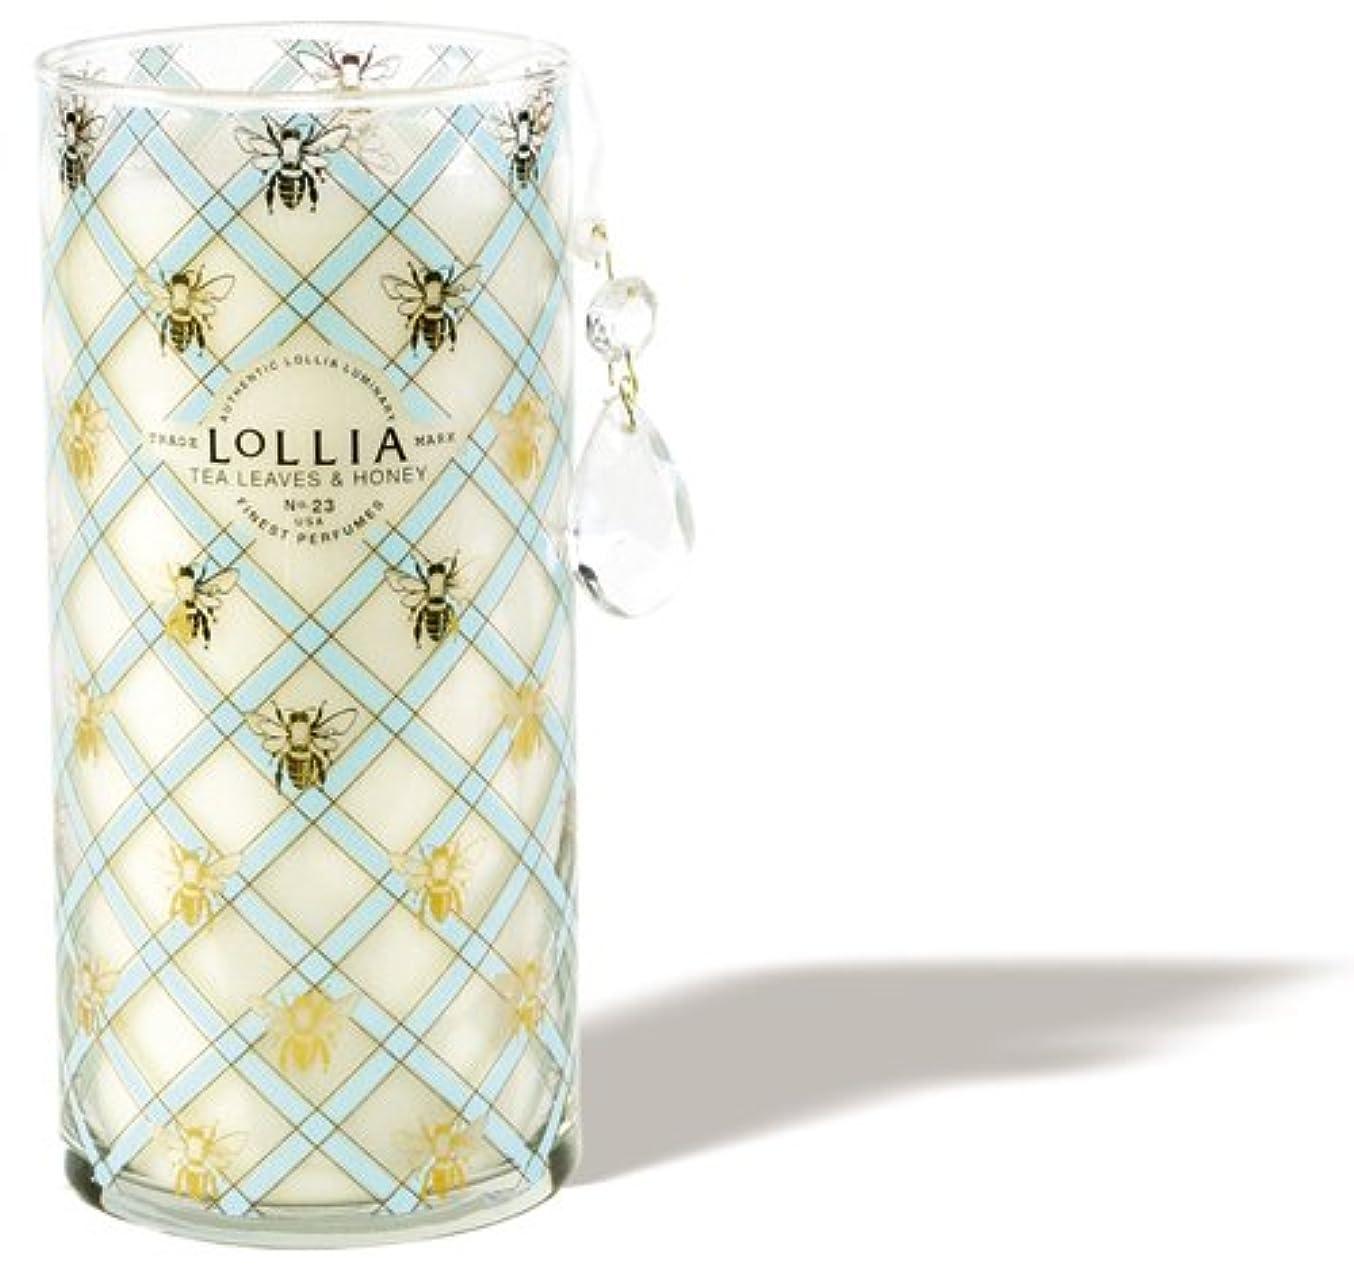 レベルガチョウファセットロリア(LoLLIA) トールパフュームドルミナリー790g Wish(チャーム付キャンドル ティーリーフ&ハニーの香り)